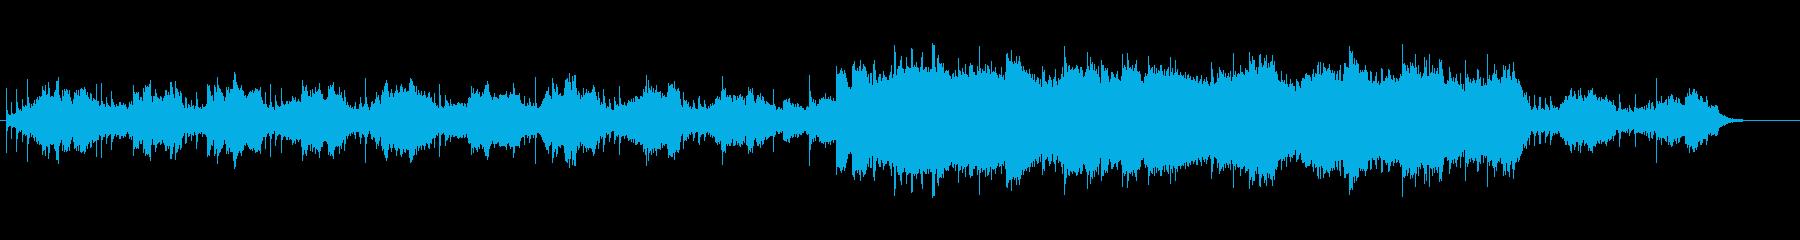 星空の伊吹と呼応する大地のようなイメージの再生済みの波形